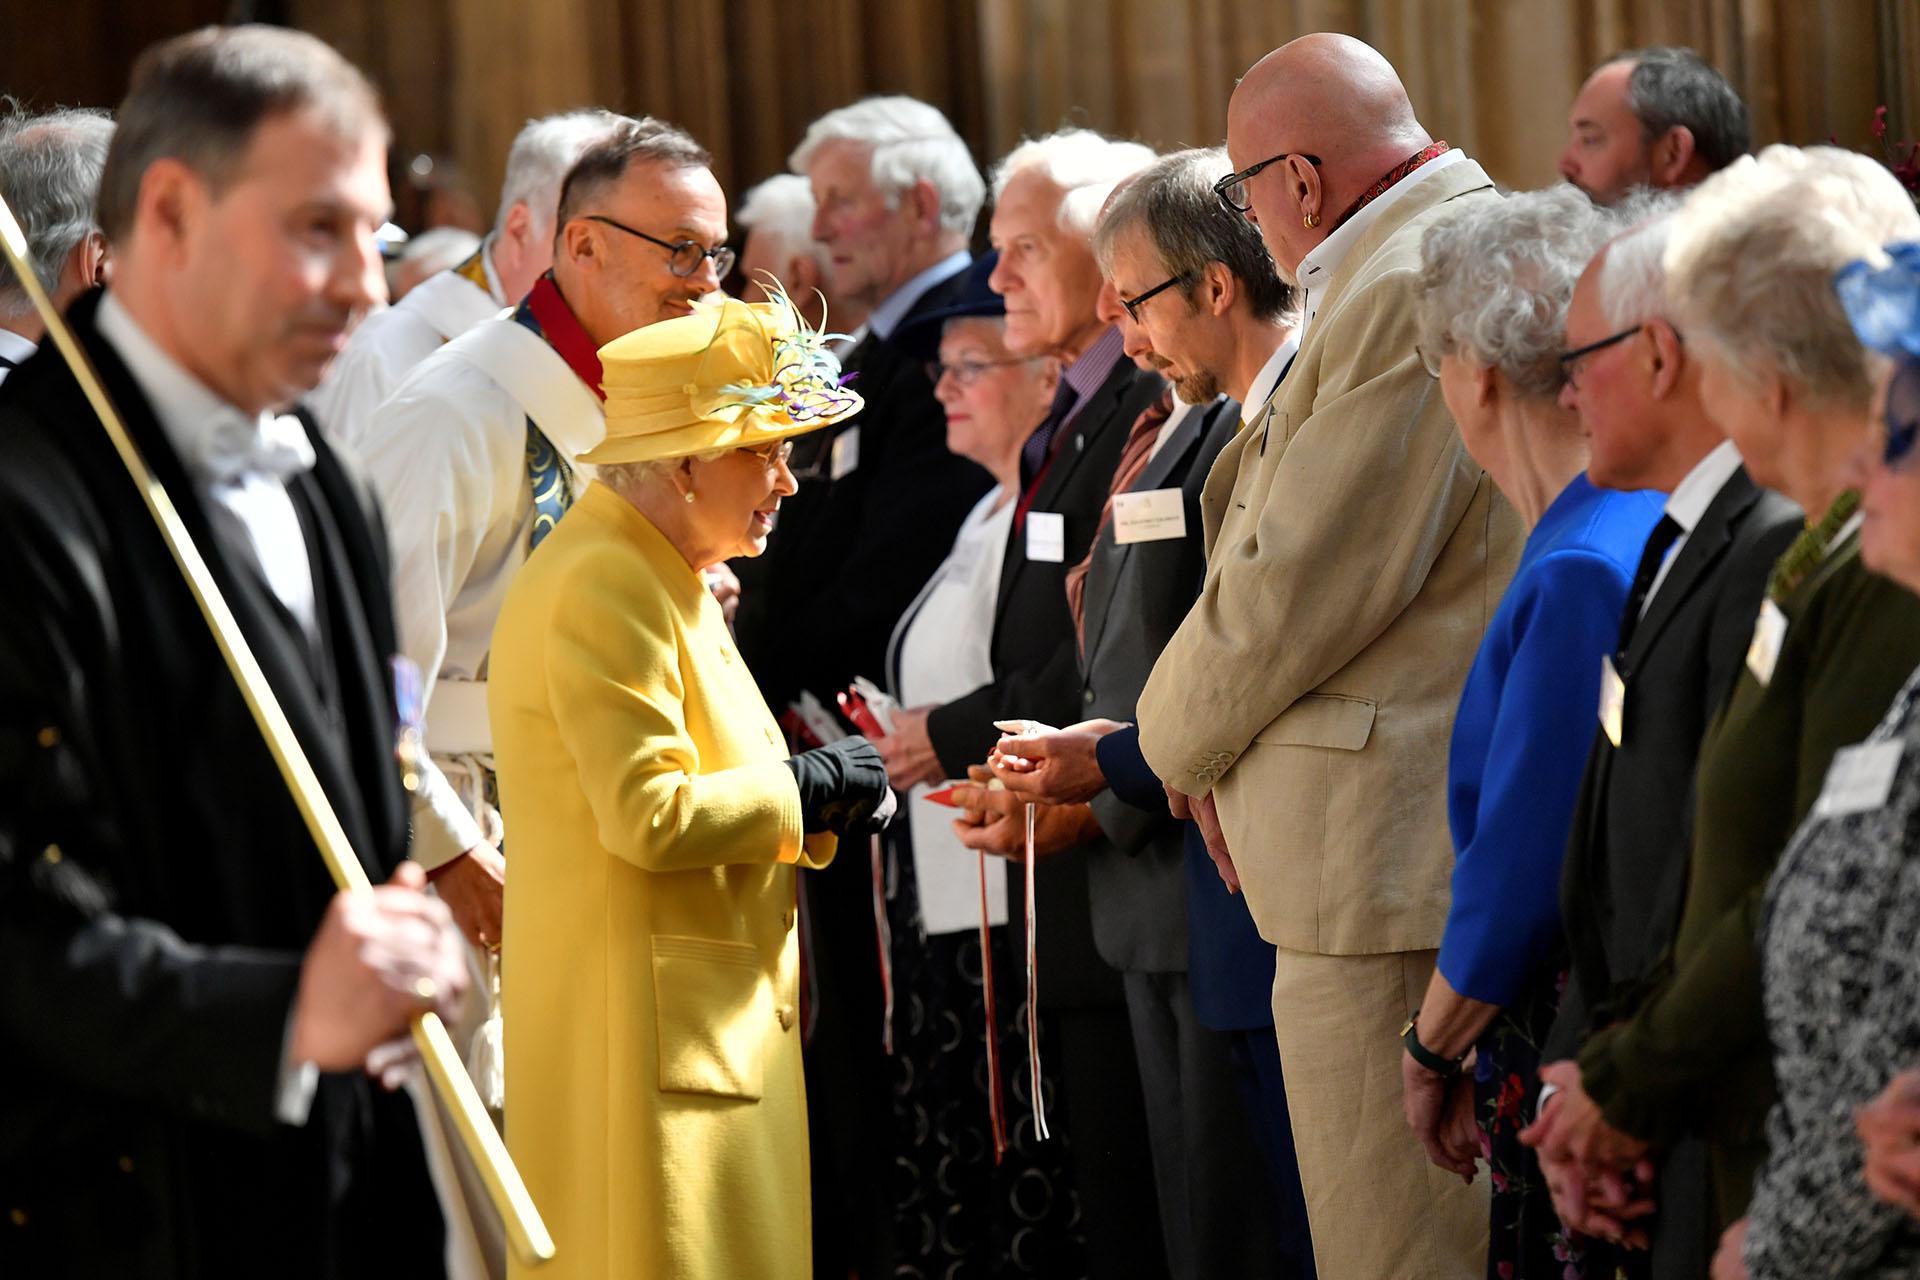 A punto de cumplir 93 años, la monarca asistió al servicio religioso que se llevó a cabo en la capilla de San Jorge, en Windsor